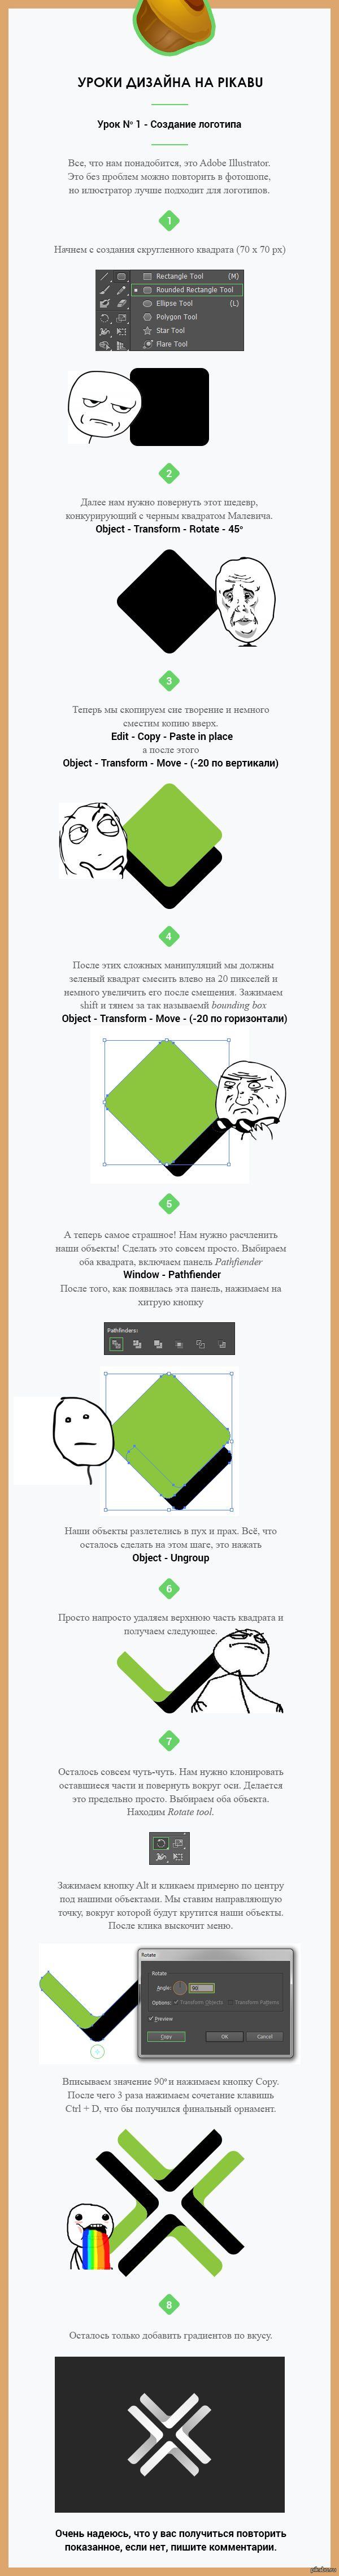 Дизайн уроки на Pikabu - Часть первая Если вам что-то непонятно, пишите в комментариях  уроки дизайна, photoshop, illustrator, туториал, дизайн, логотип, длиннопост